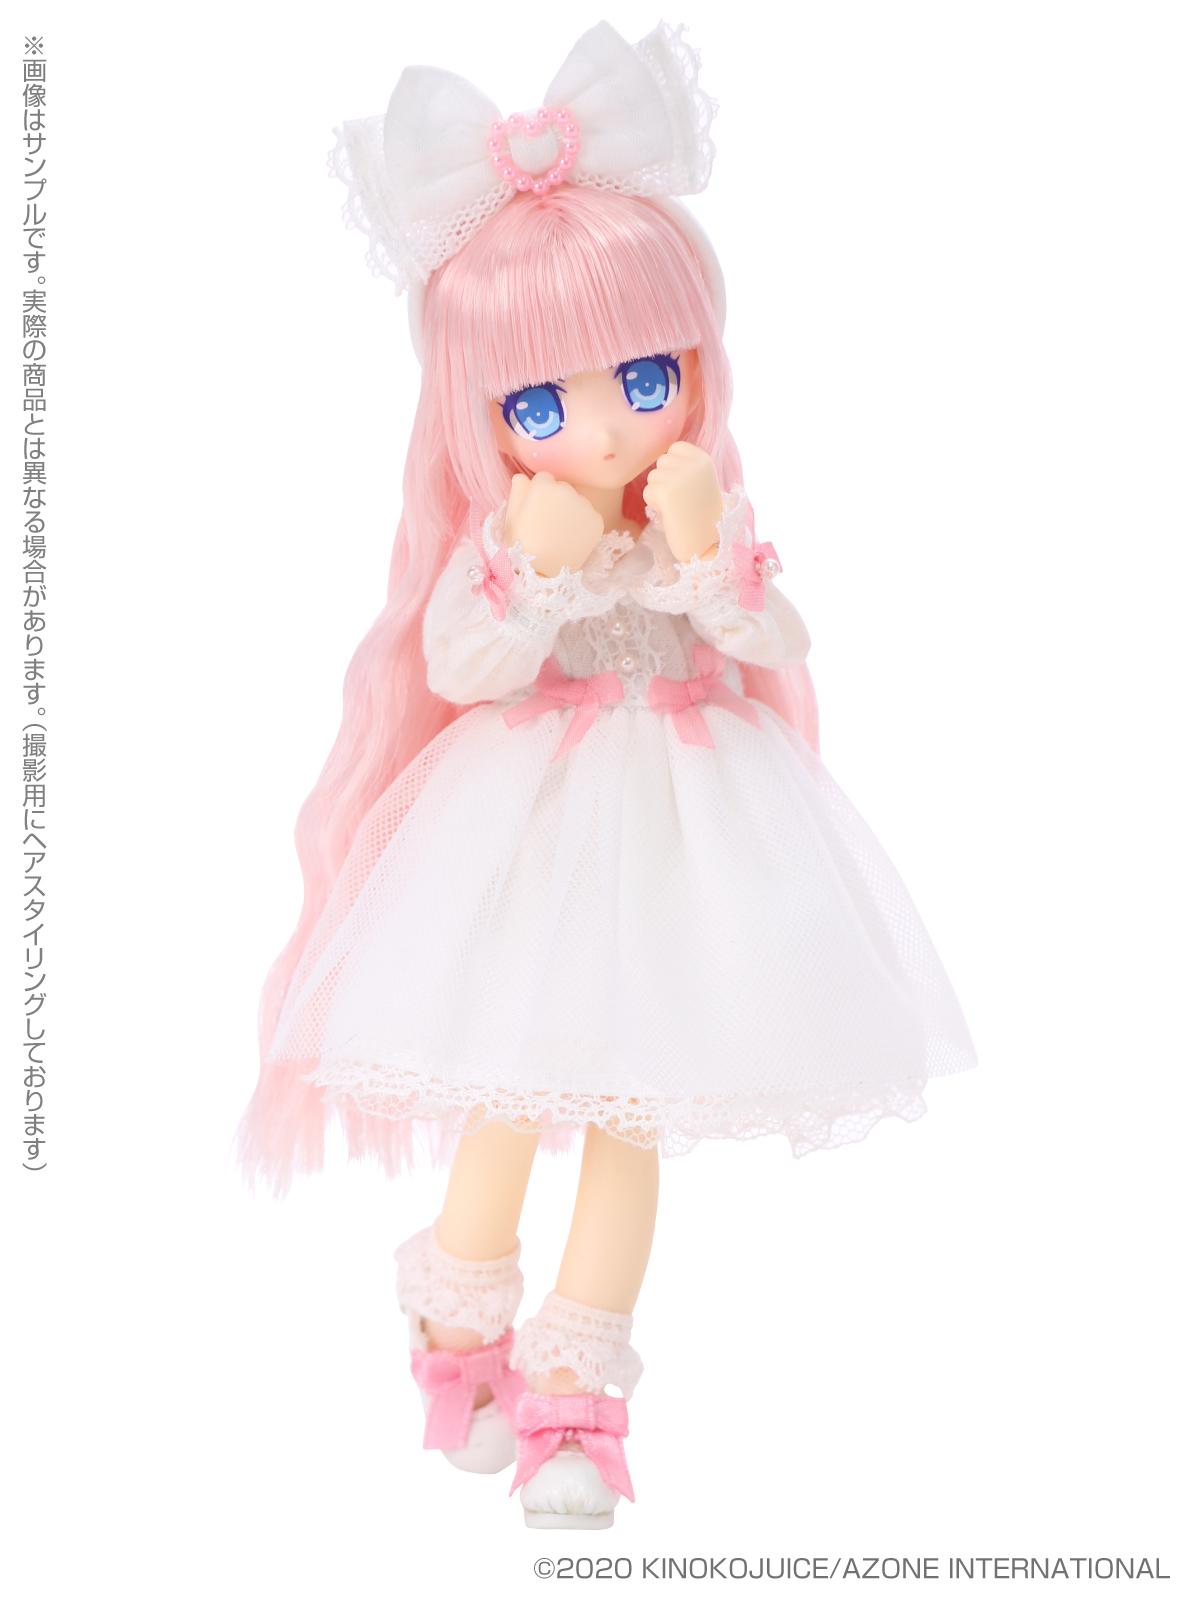 キノコジュース×Lil'Fairy『Twinkle☆Candy Girls/リプー』1/12 完成品ドール-004